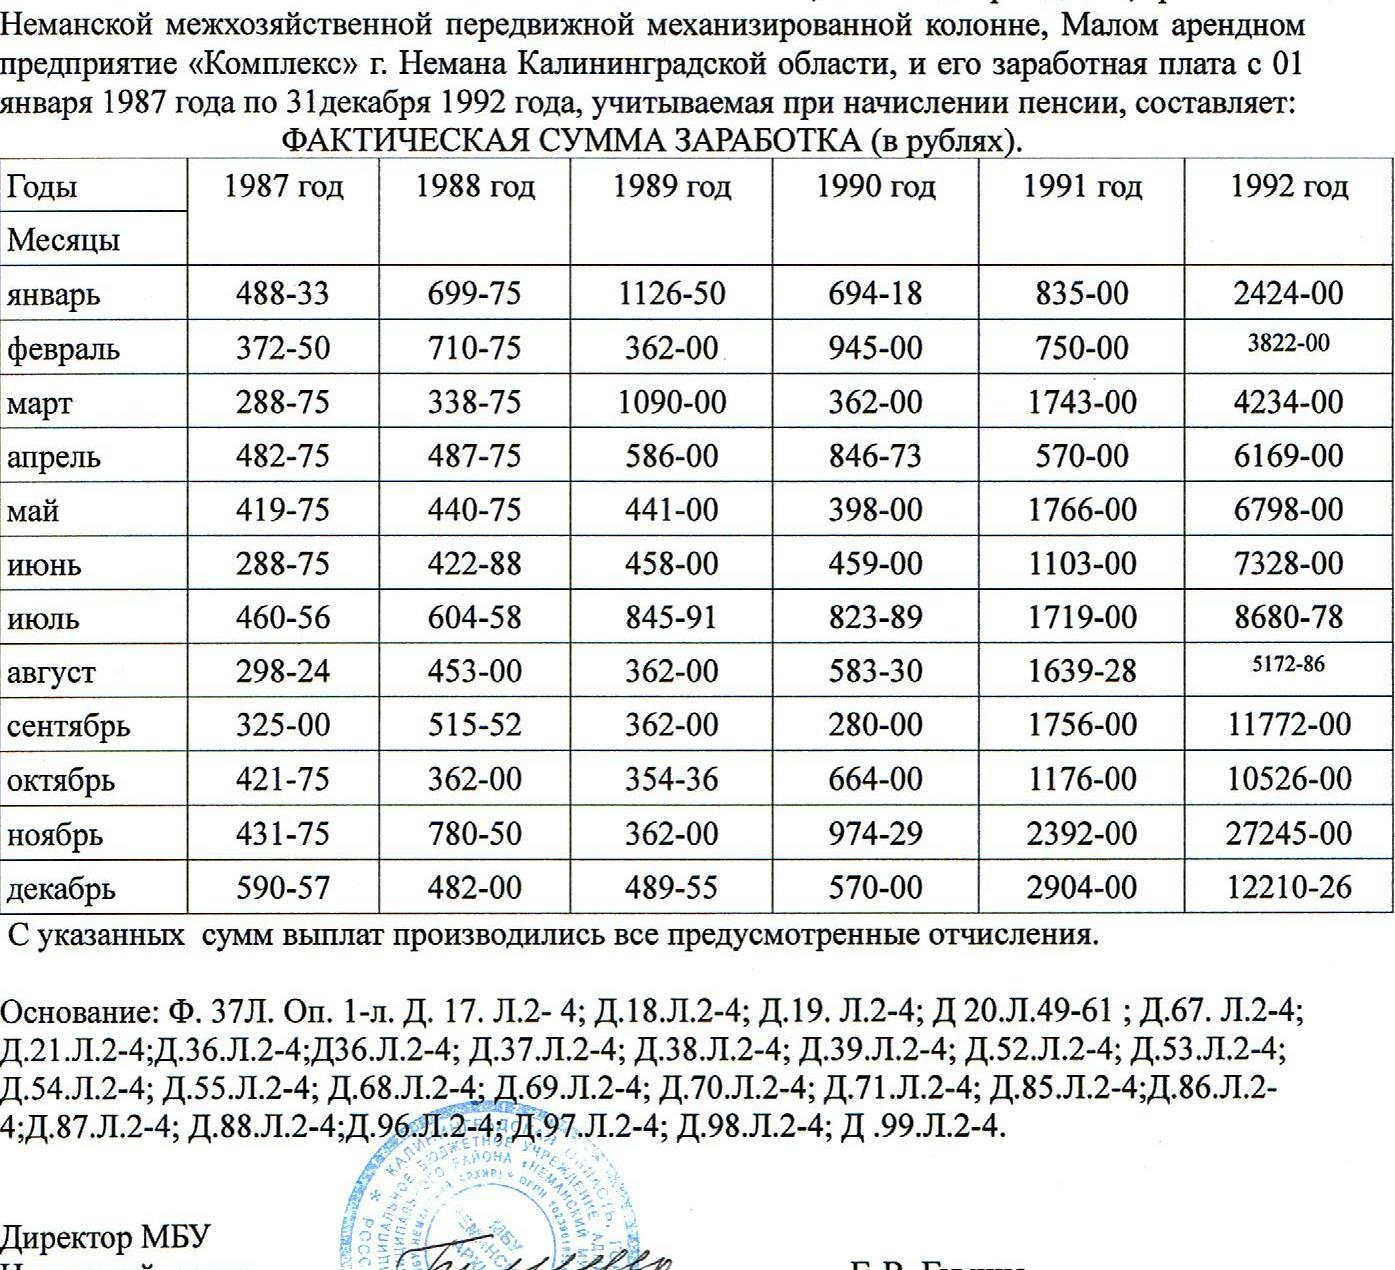 Ответы mail. Ru: форма справки о заработной плате в 90-е годы. Кто.